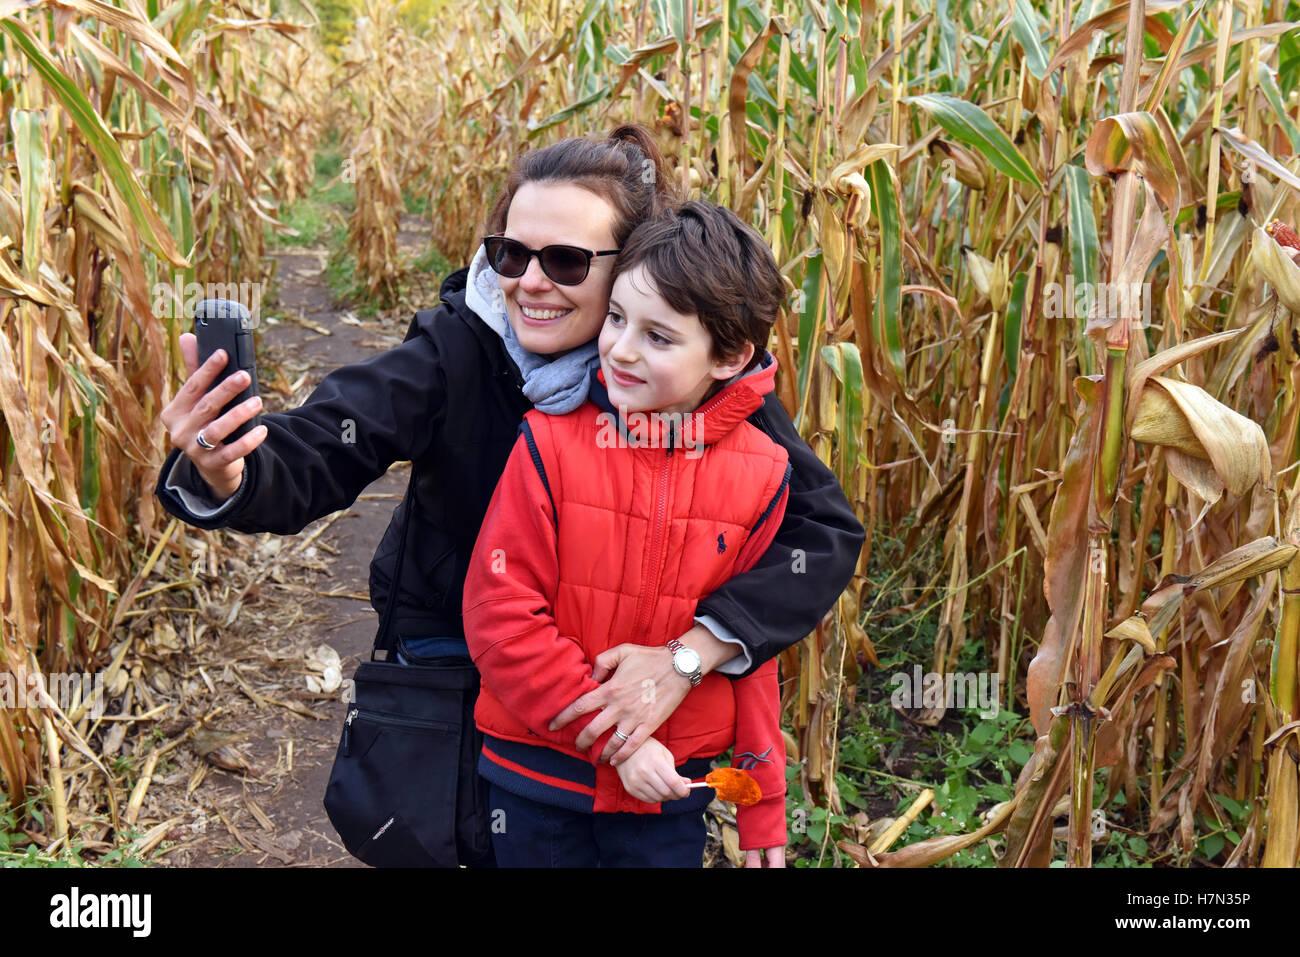 Mère et enfant prenant sellfie avec mobile phone Photo Stock